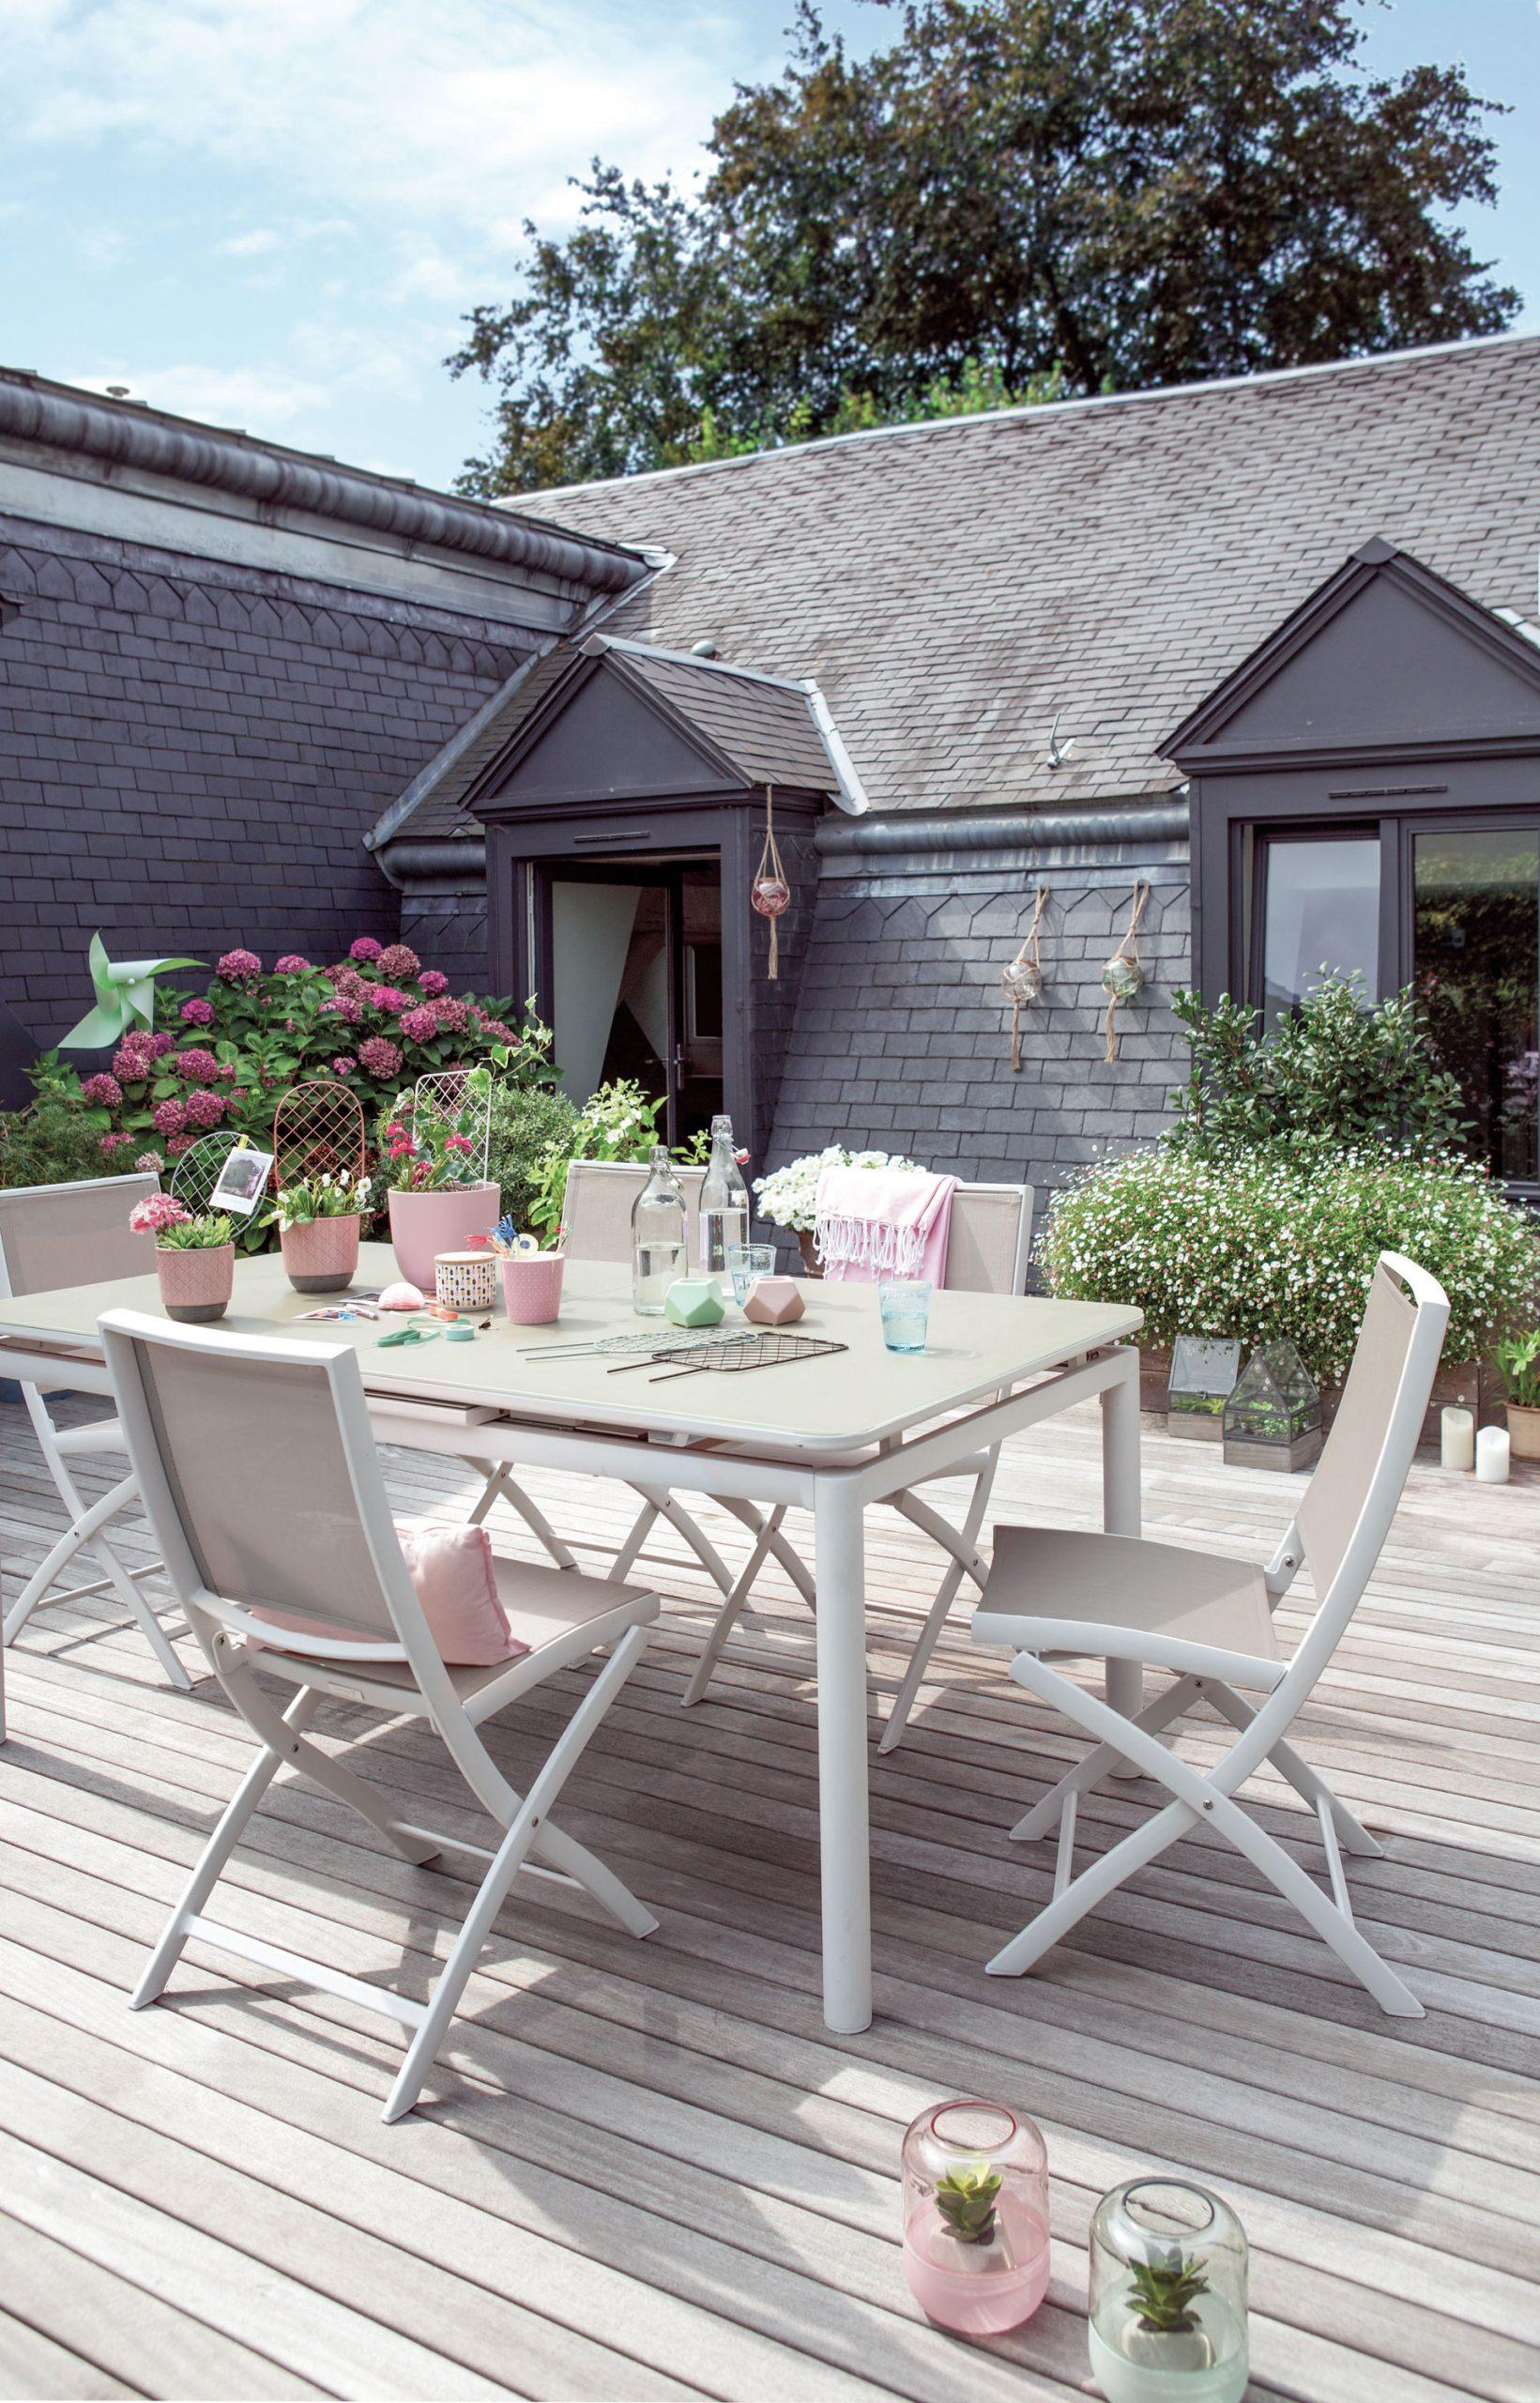 Comment Aménager Une Terrasse ? à Jardiland Mobilier De Jardin